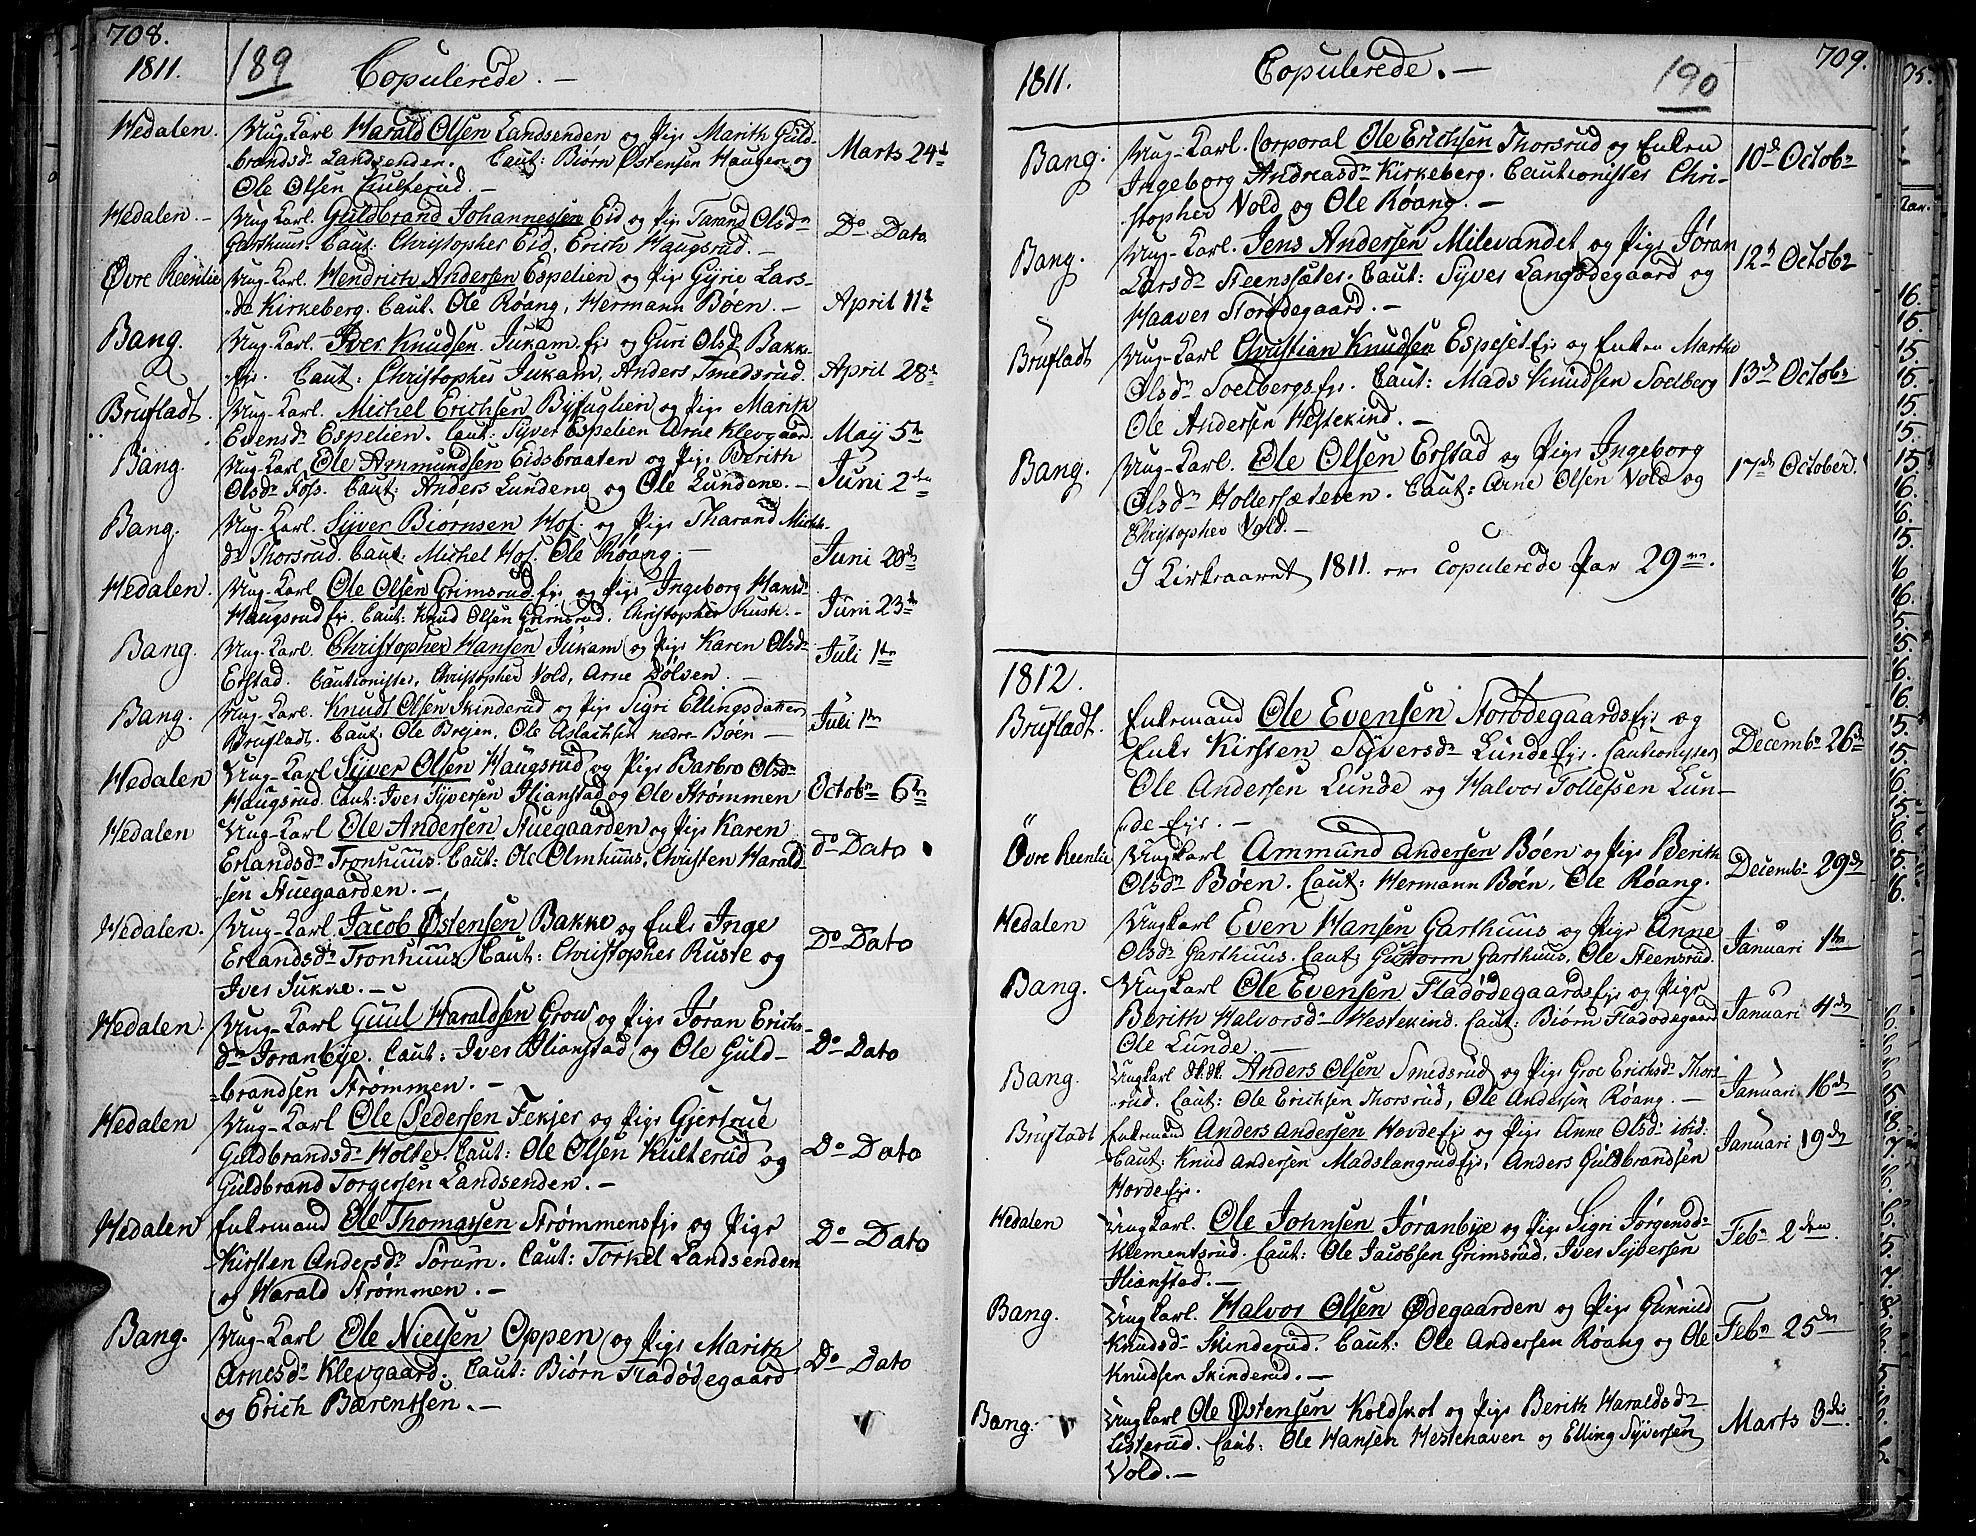 SAH, Sør-Aurdal prestekontor, Ministerialbok nr. 1, 1807-1815, s. 189-190